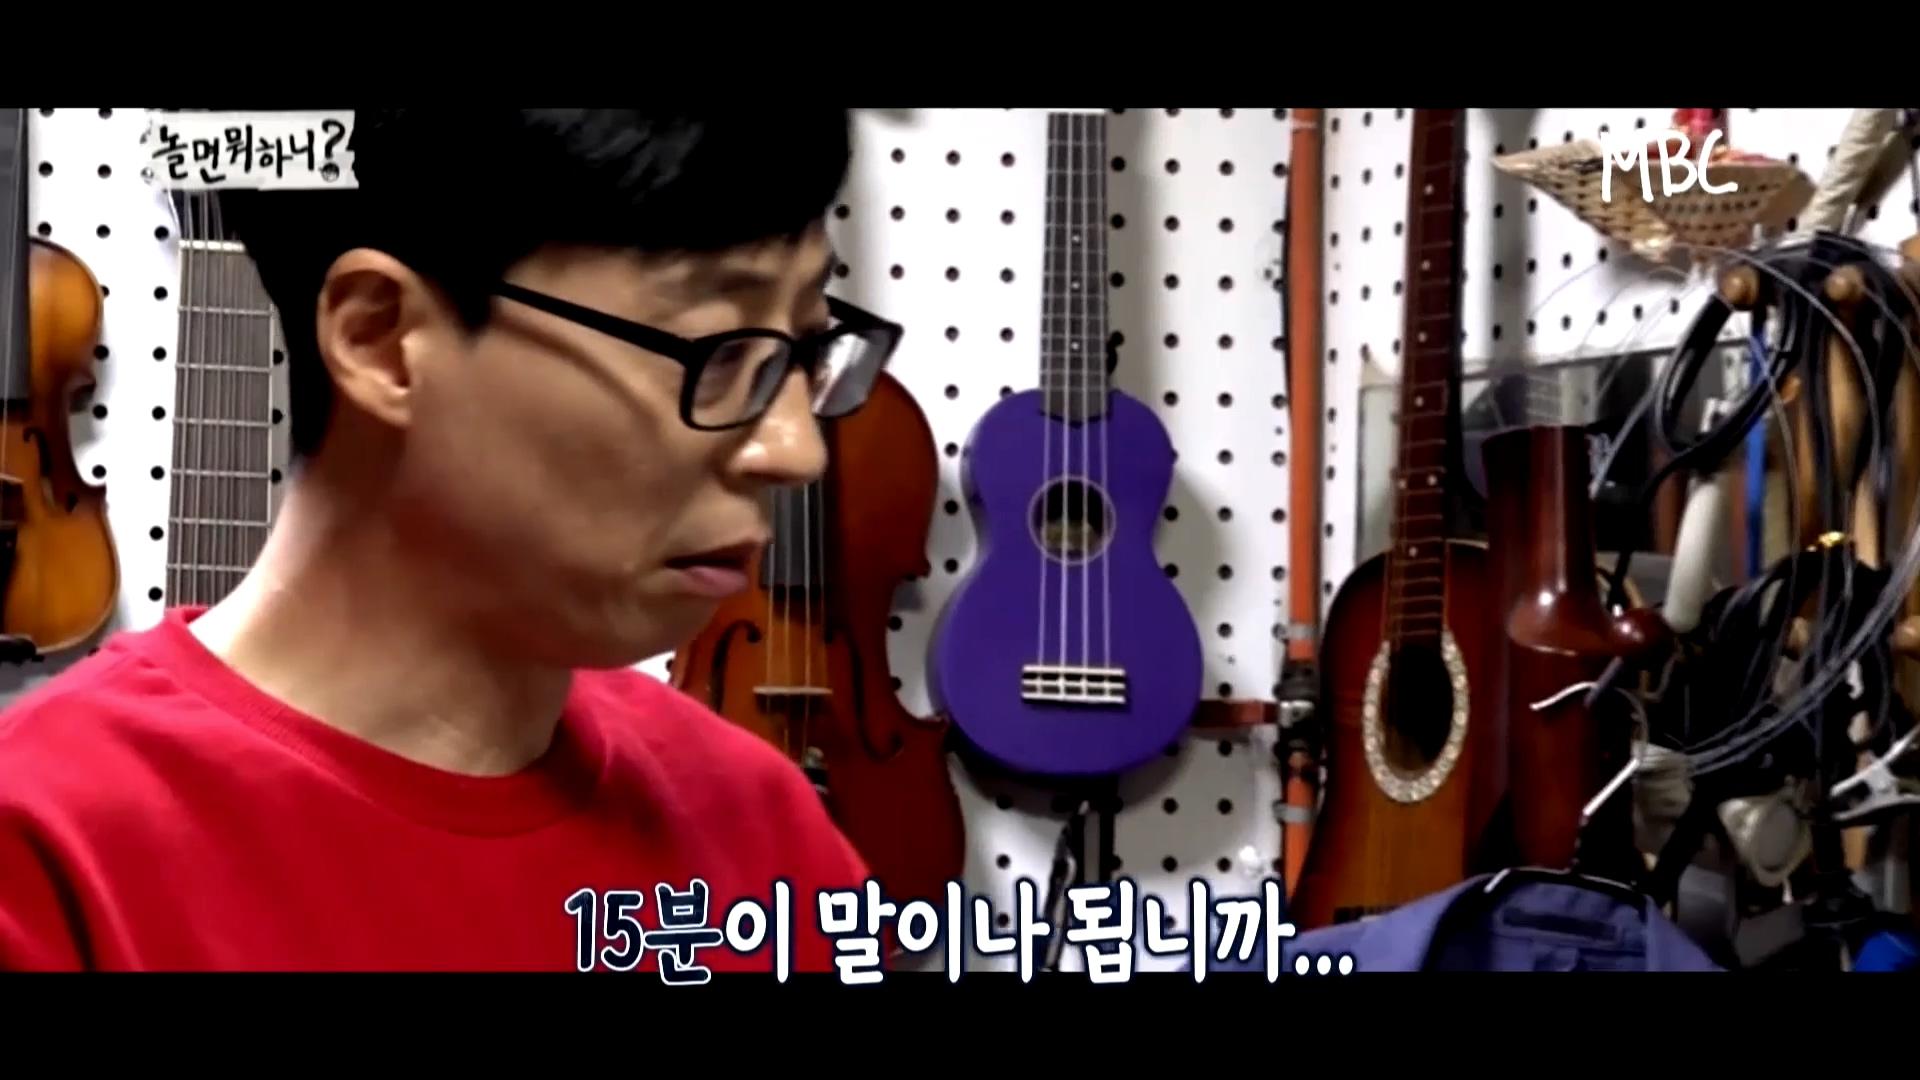 [선공개] 박토벤의 15분 완성 작곡! '합정역 5번 출구' (+2분 추가)